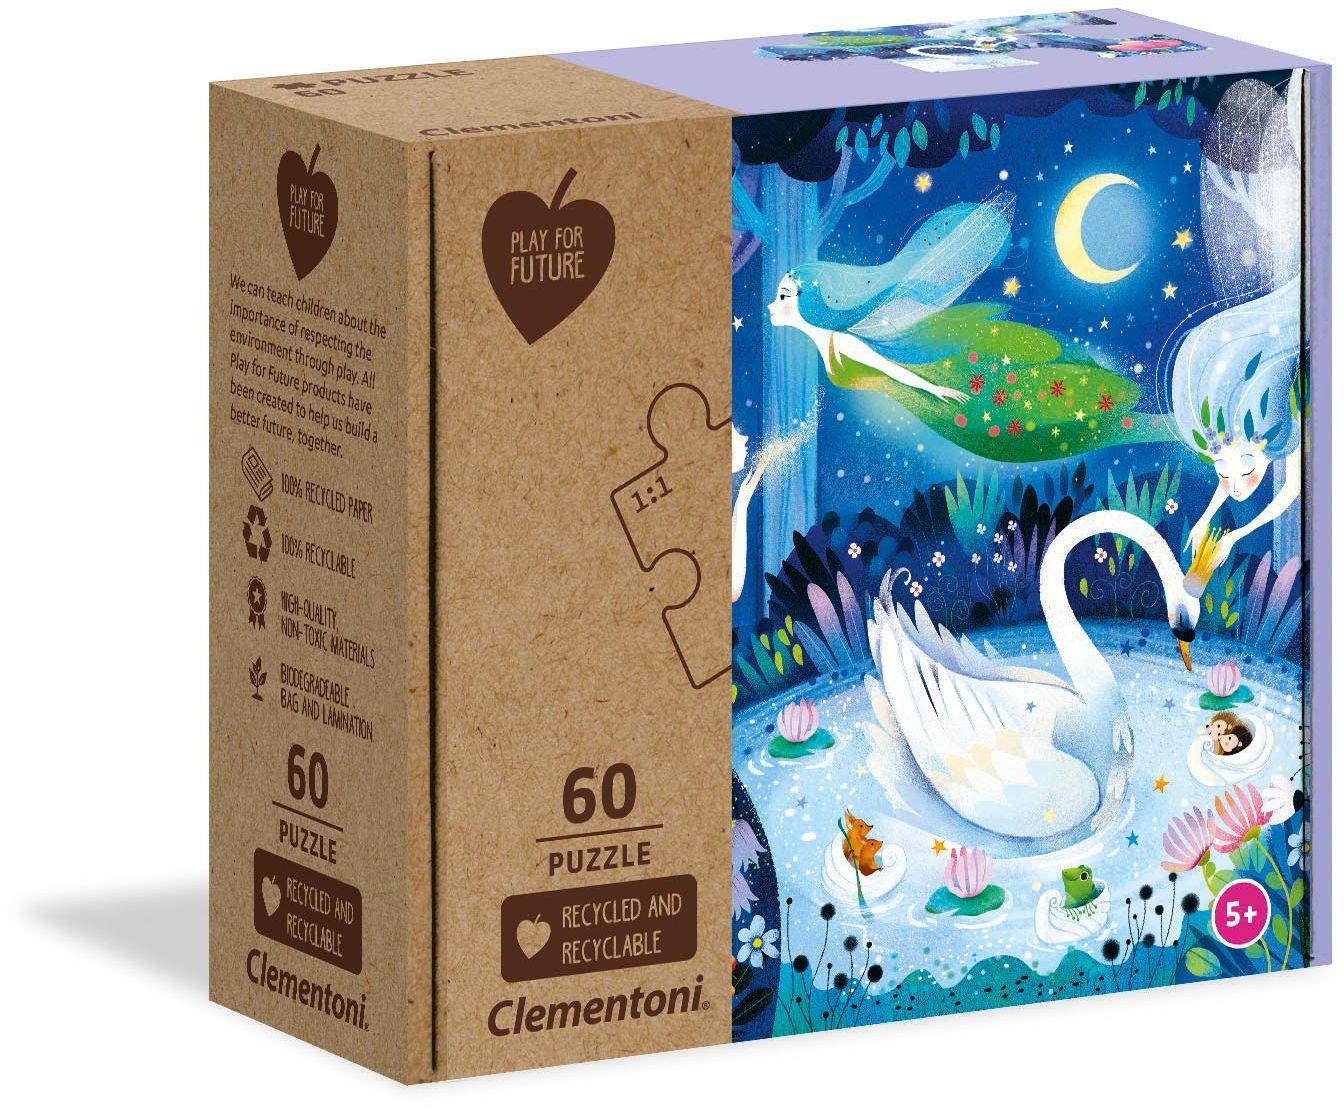 Clementoni 26997 Zaczarowana noc - 60 sztuk - wyprodukowano we Włoszech - 100% materiały z recyklingu, puzzle dla dzieci